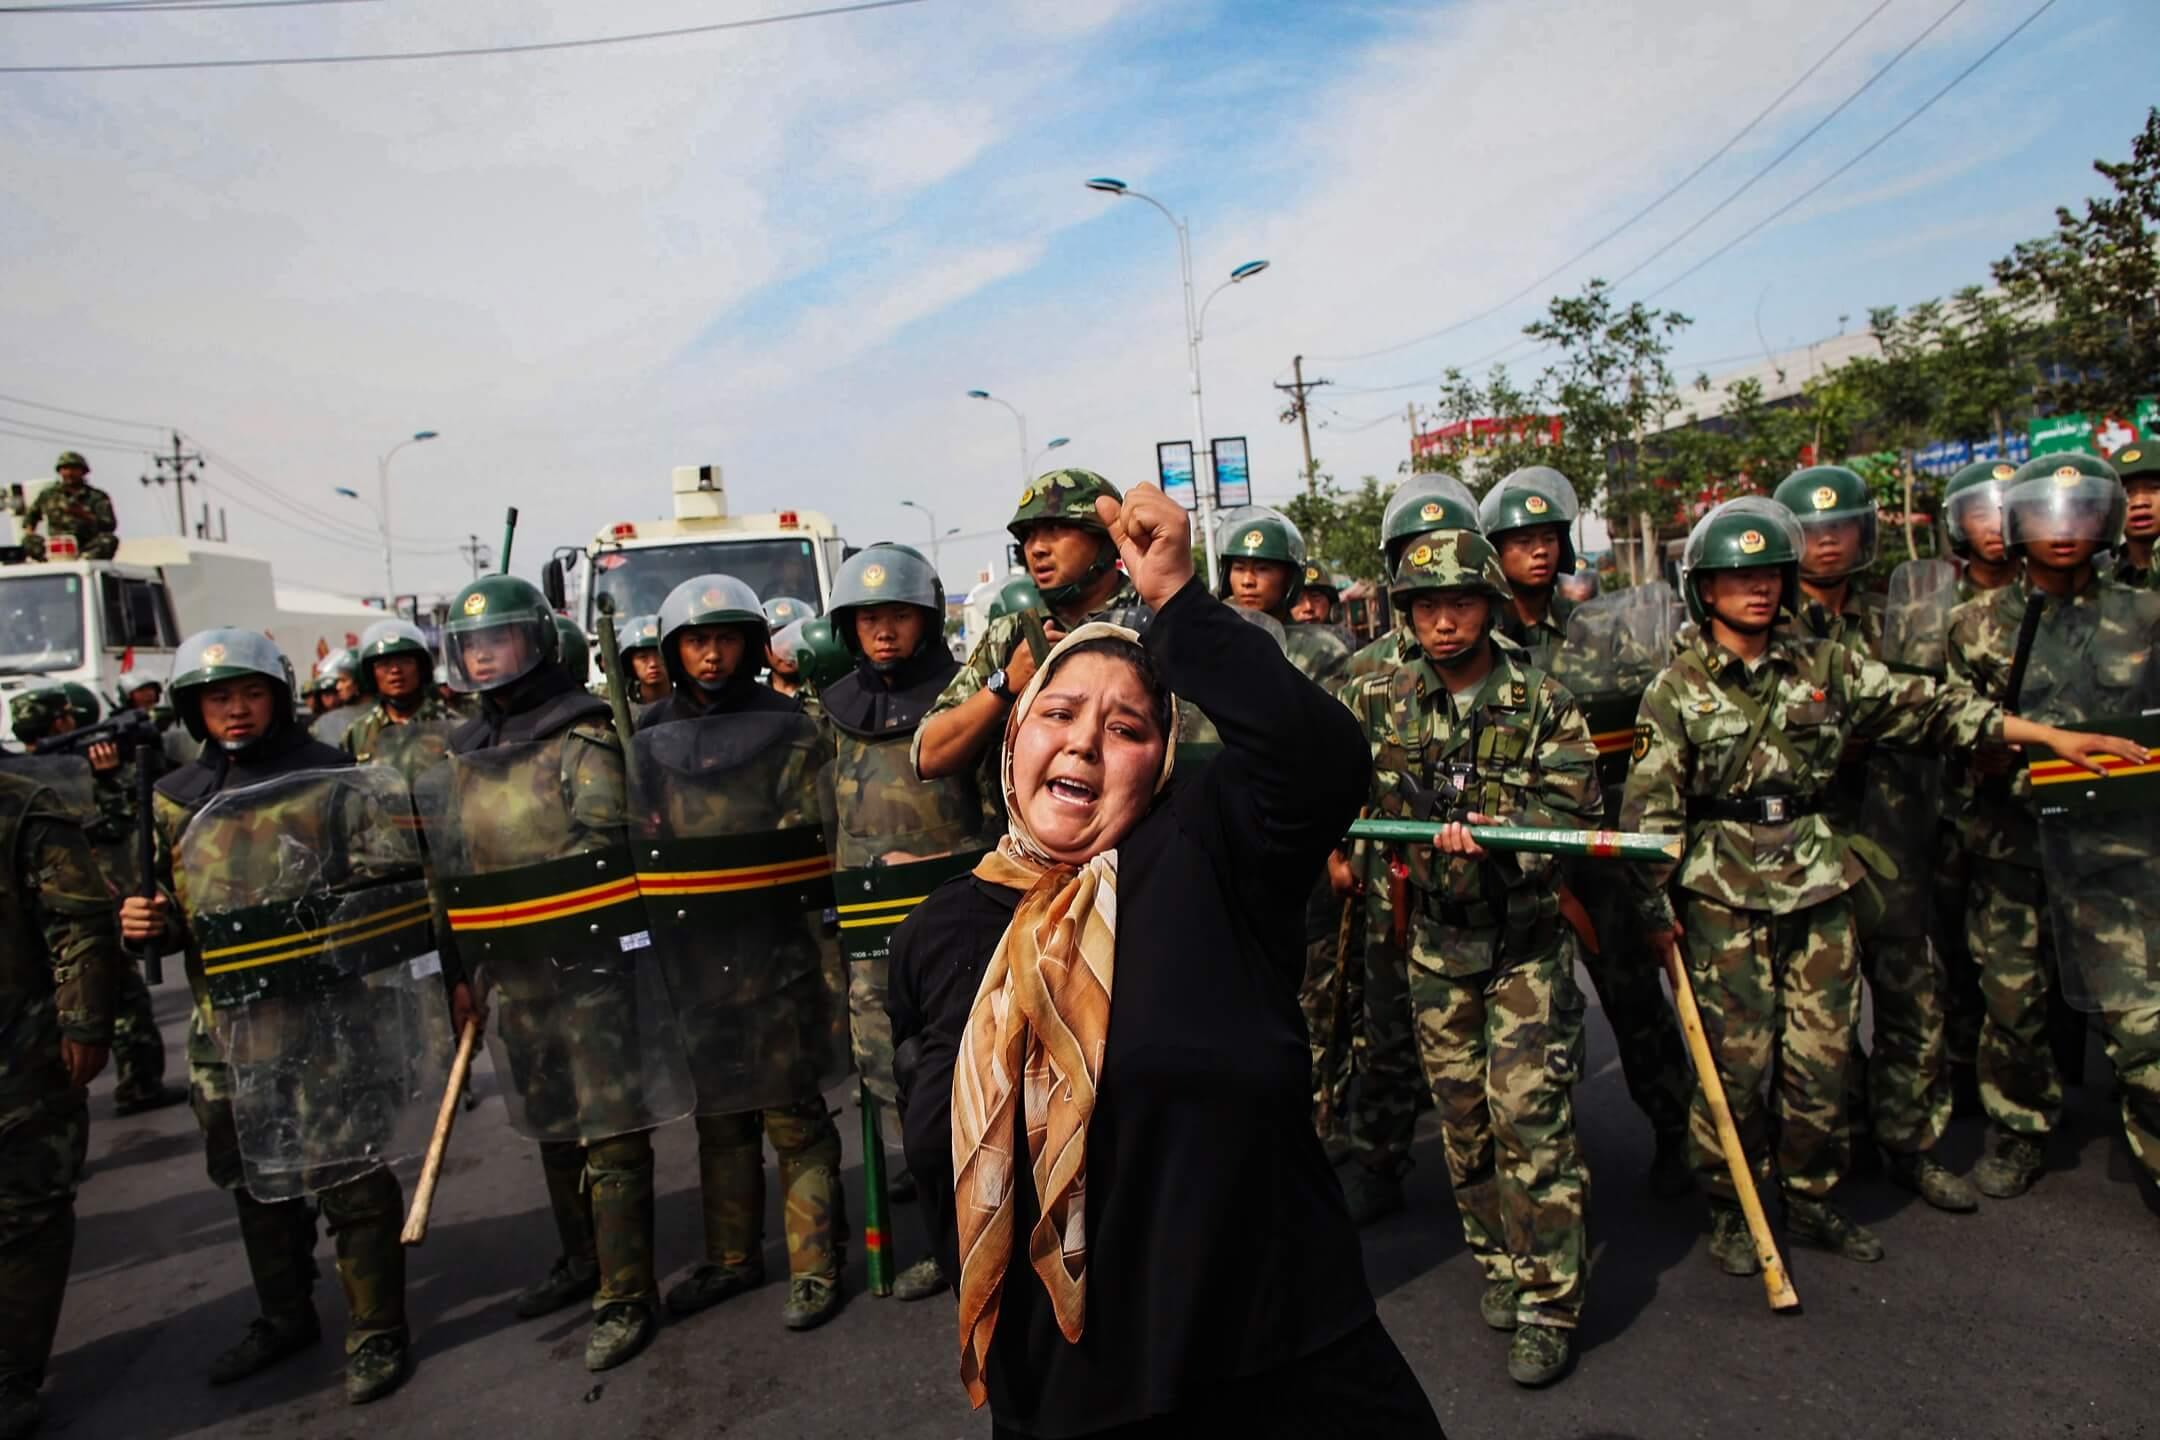 2009年7月7日,新疆維吾爾自治區首府烏魯木齊,一名維吾爾女子在警察防線前示威。 攝:Guang Niu/Getty Images